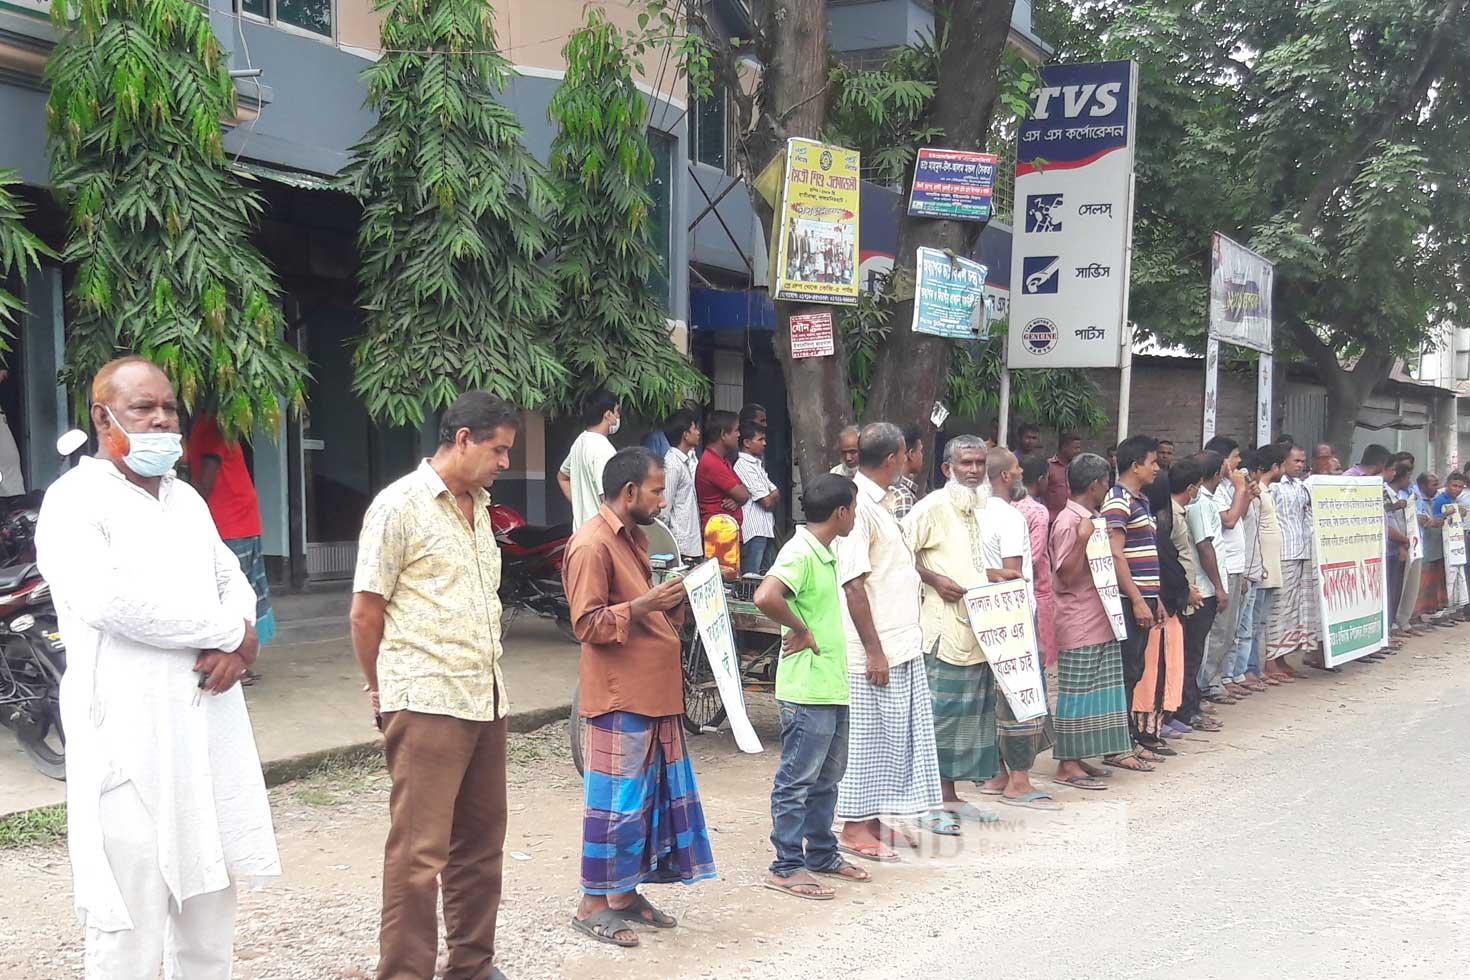 ৪০ গ্রাহকের 'কোটি টাকা' নিয়ে উধাও ব্যাংক কর্মকর্তা